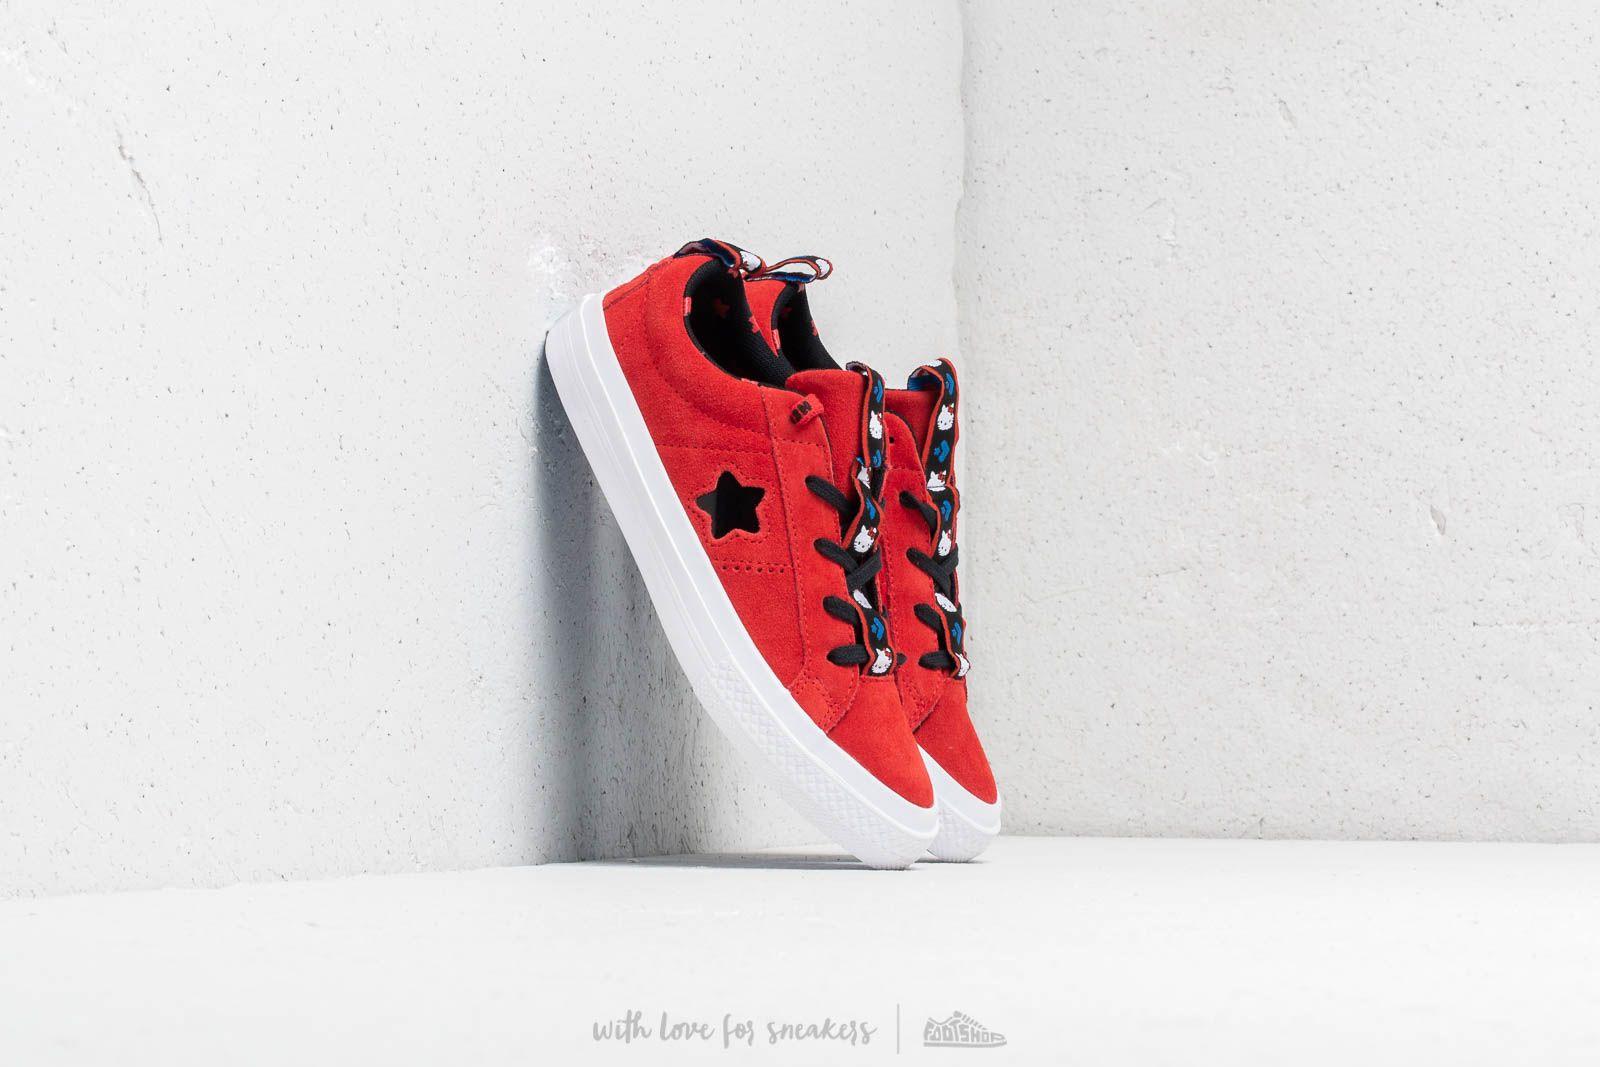 Converse x Hello Kitty One Star X Fire Red/ Black White za skvělou cenu 900 Kč koupíte na Footshop.cz